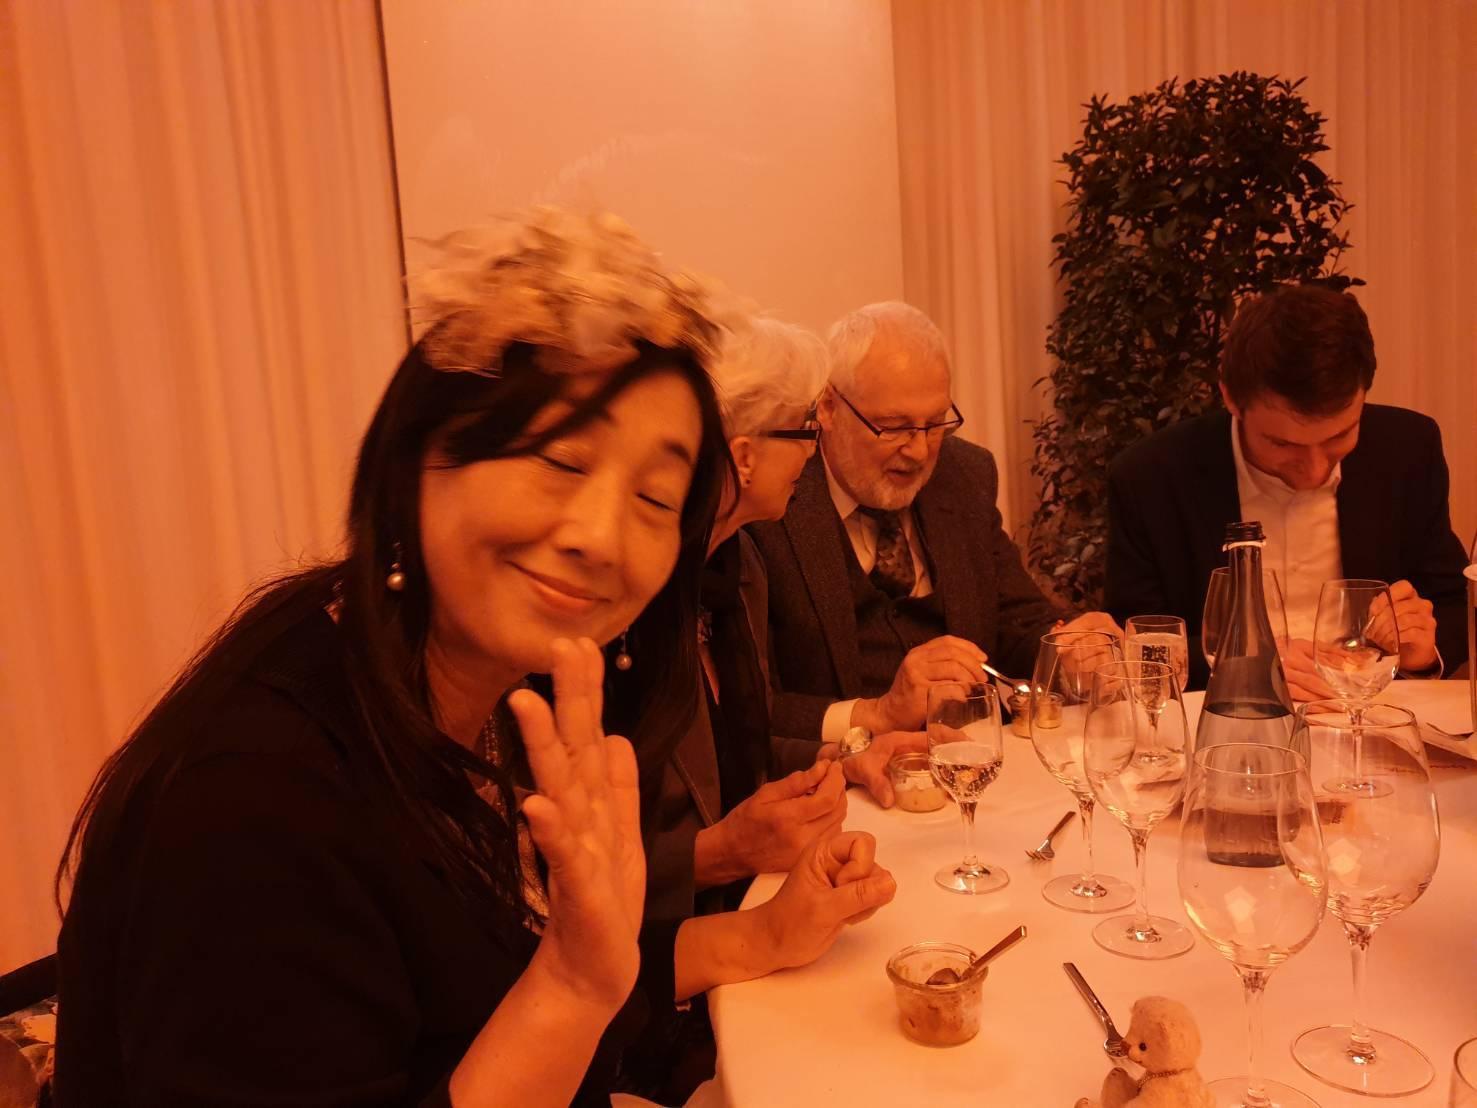 ドイツ、テディベアトータルの祝賀会にて。_c0173826_14565304.jpg